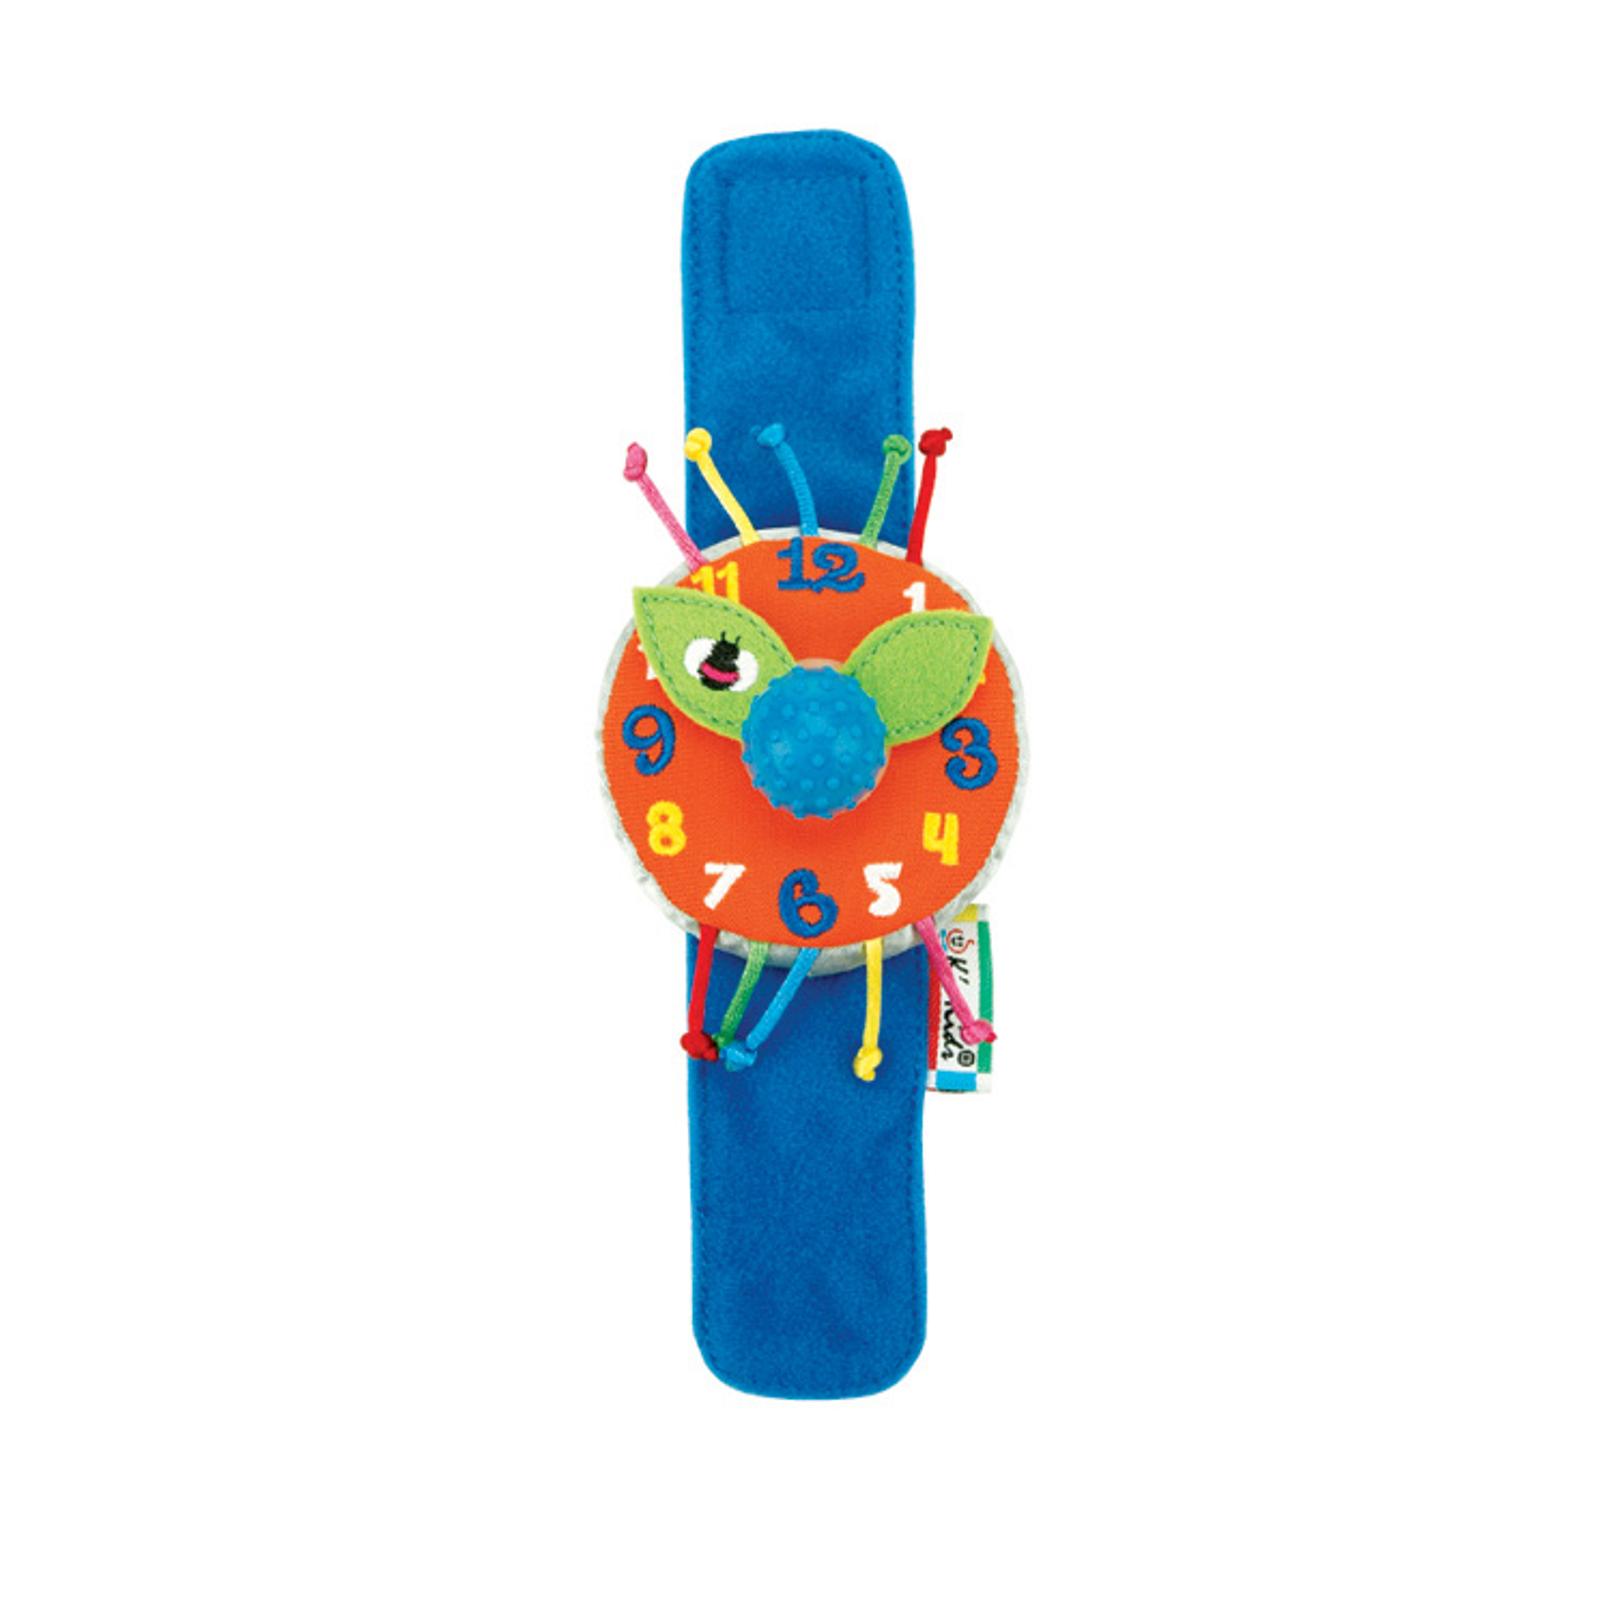 Развивающая игрушка K&amp;#039;s Kids Мои первые часы мягкие наручные с 0 мес.<br>